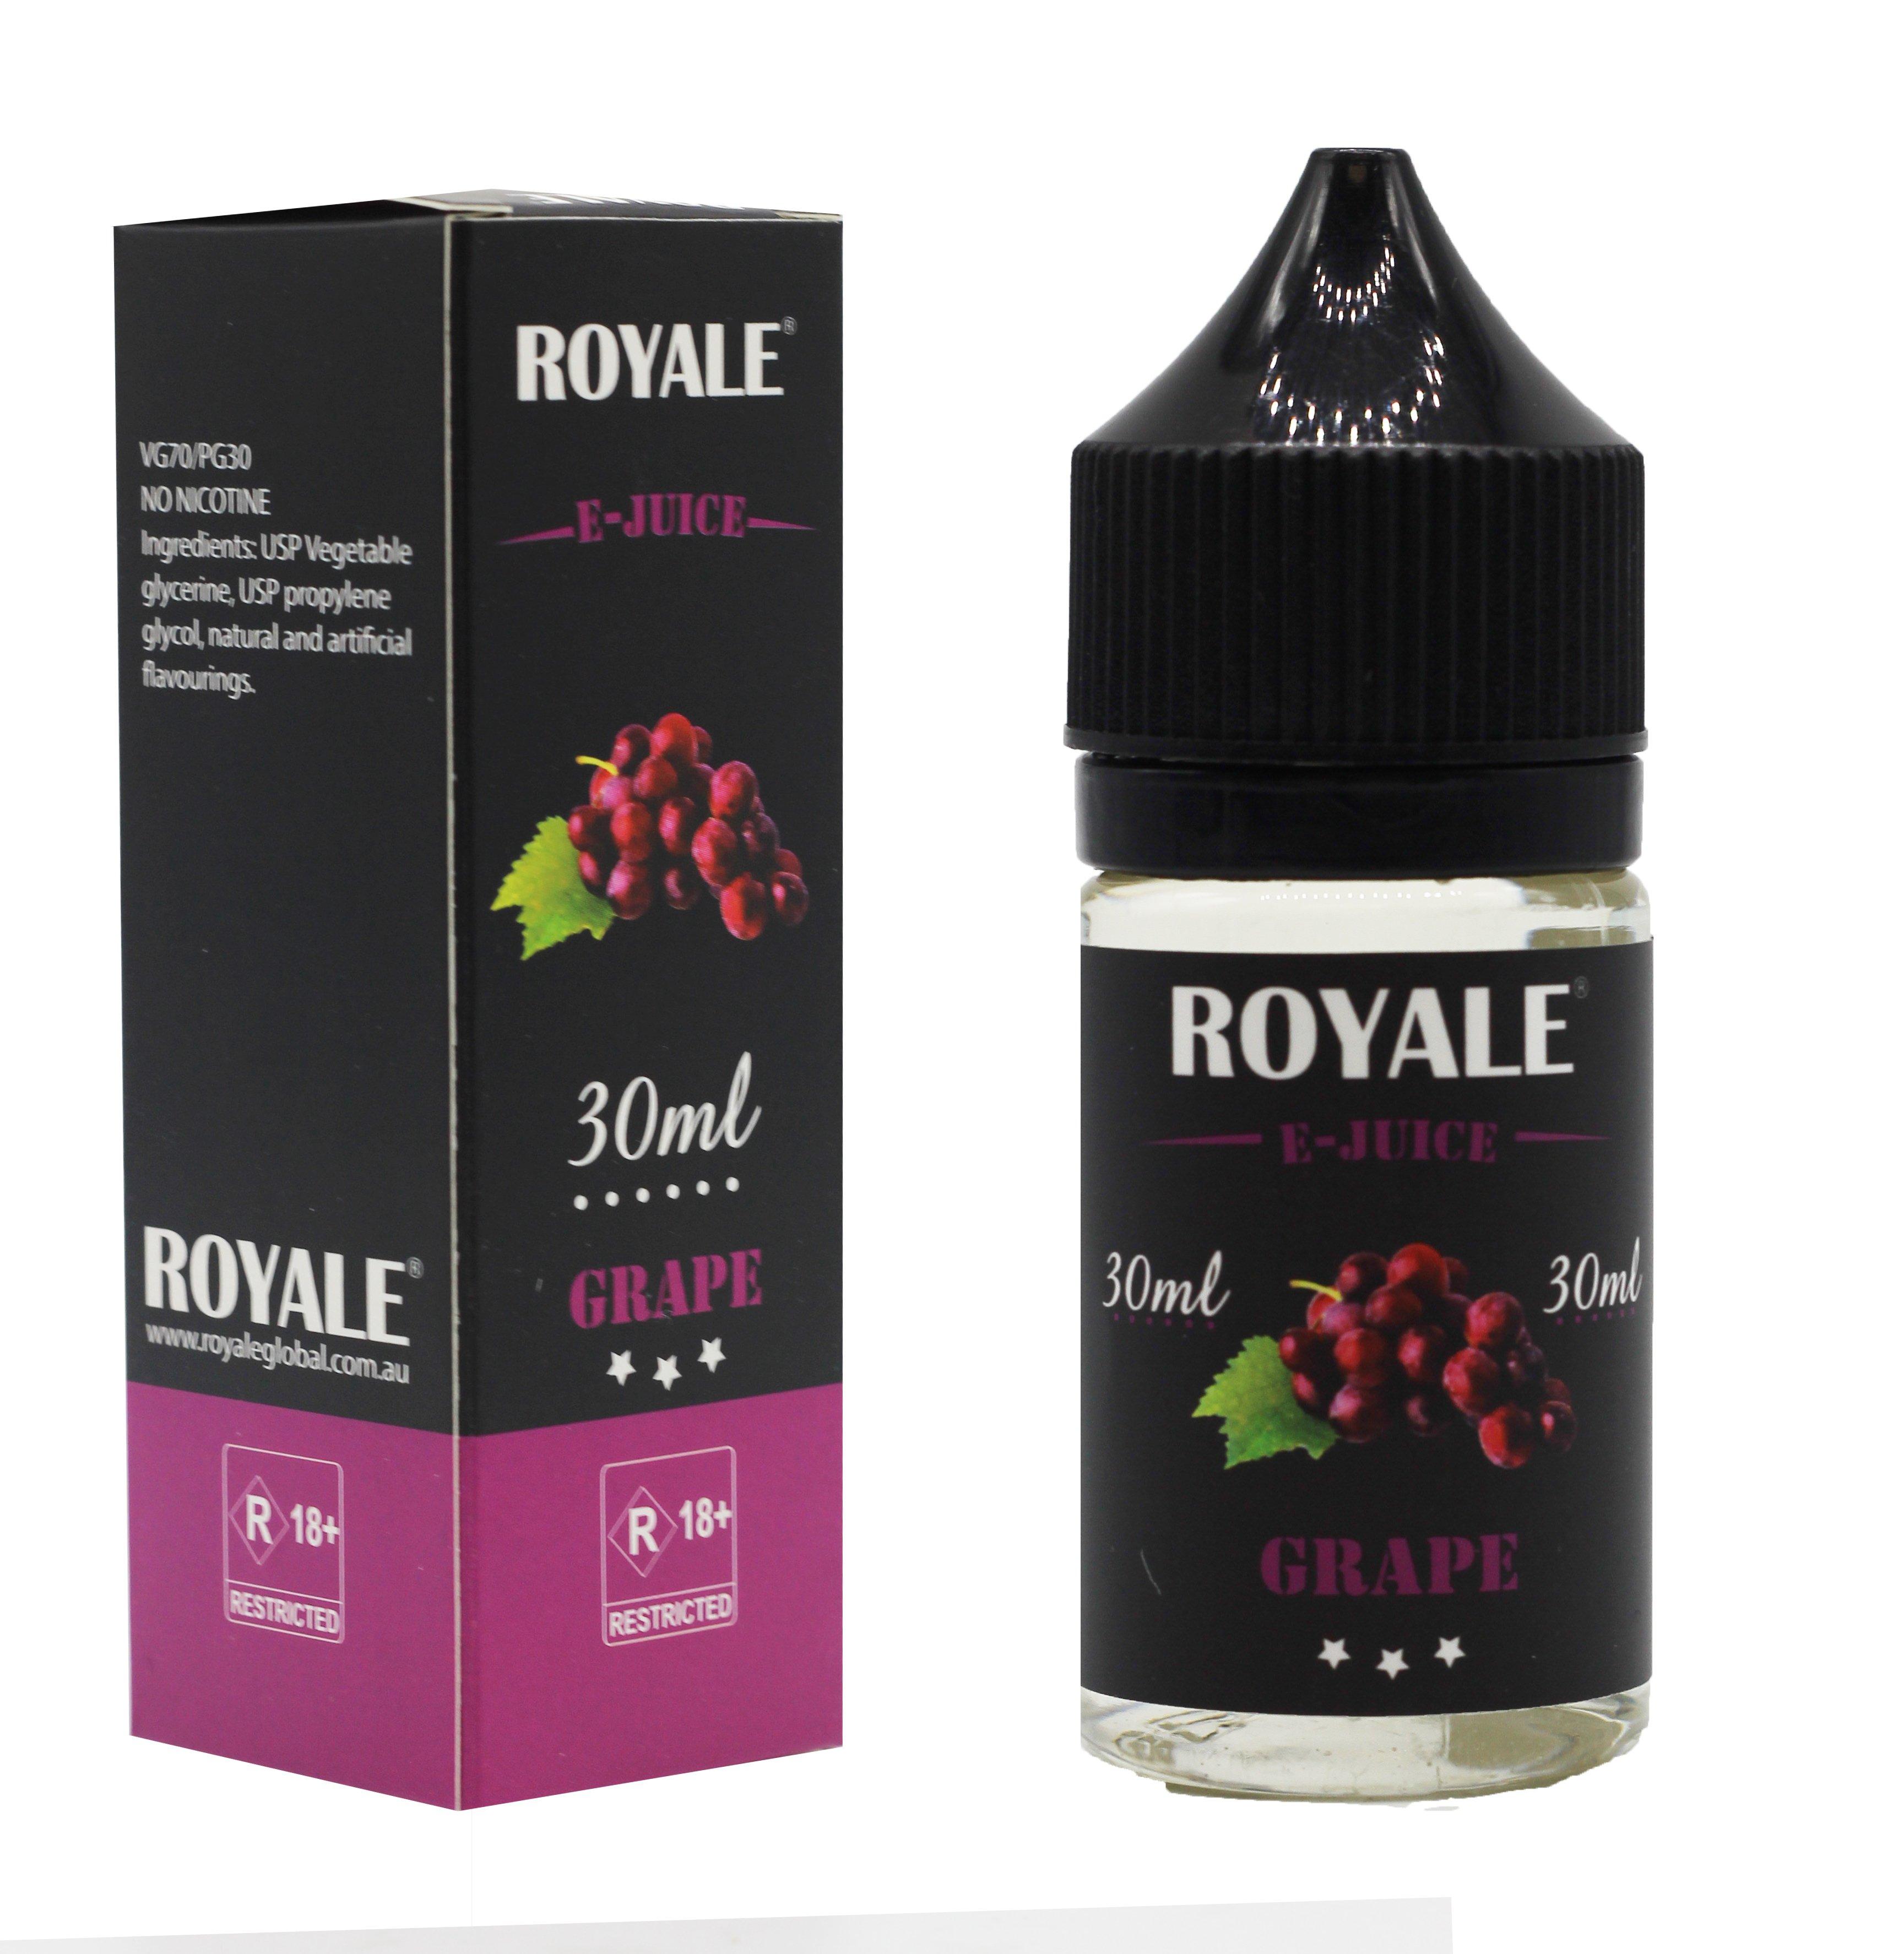 Royale E-juice- Grape Flavour